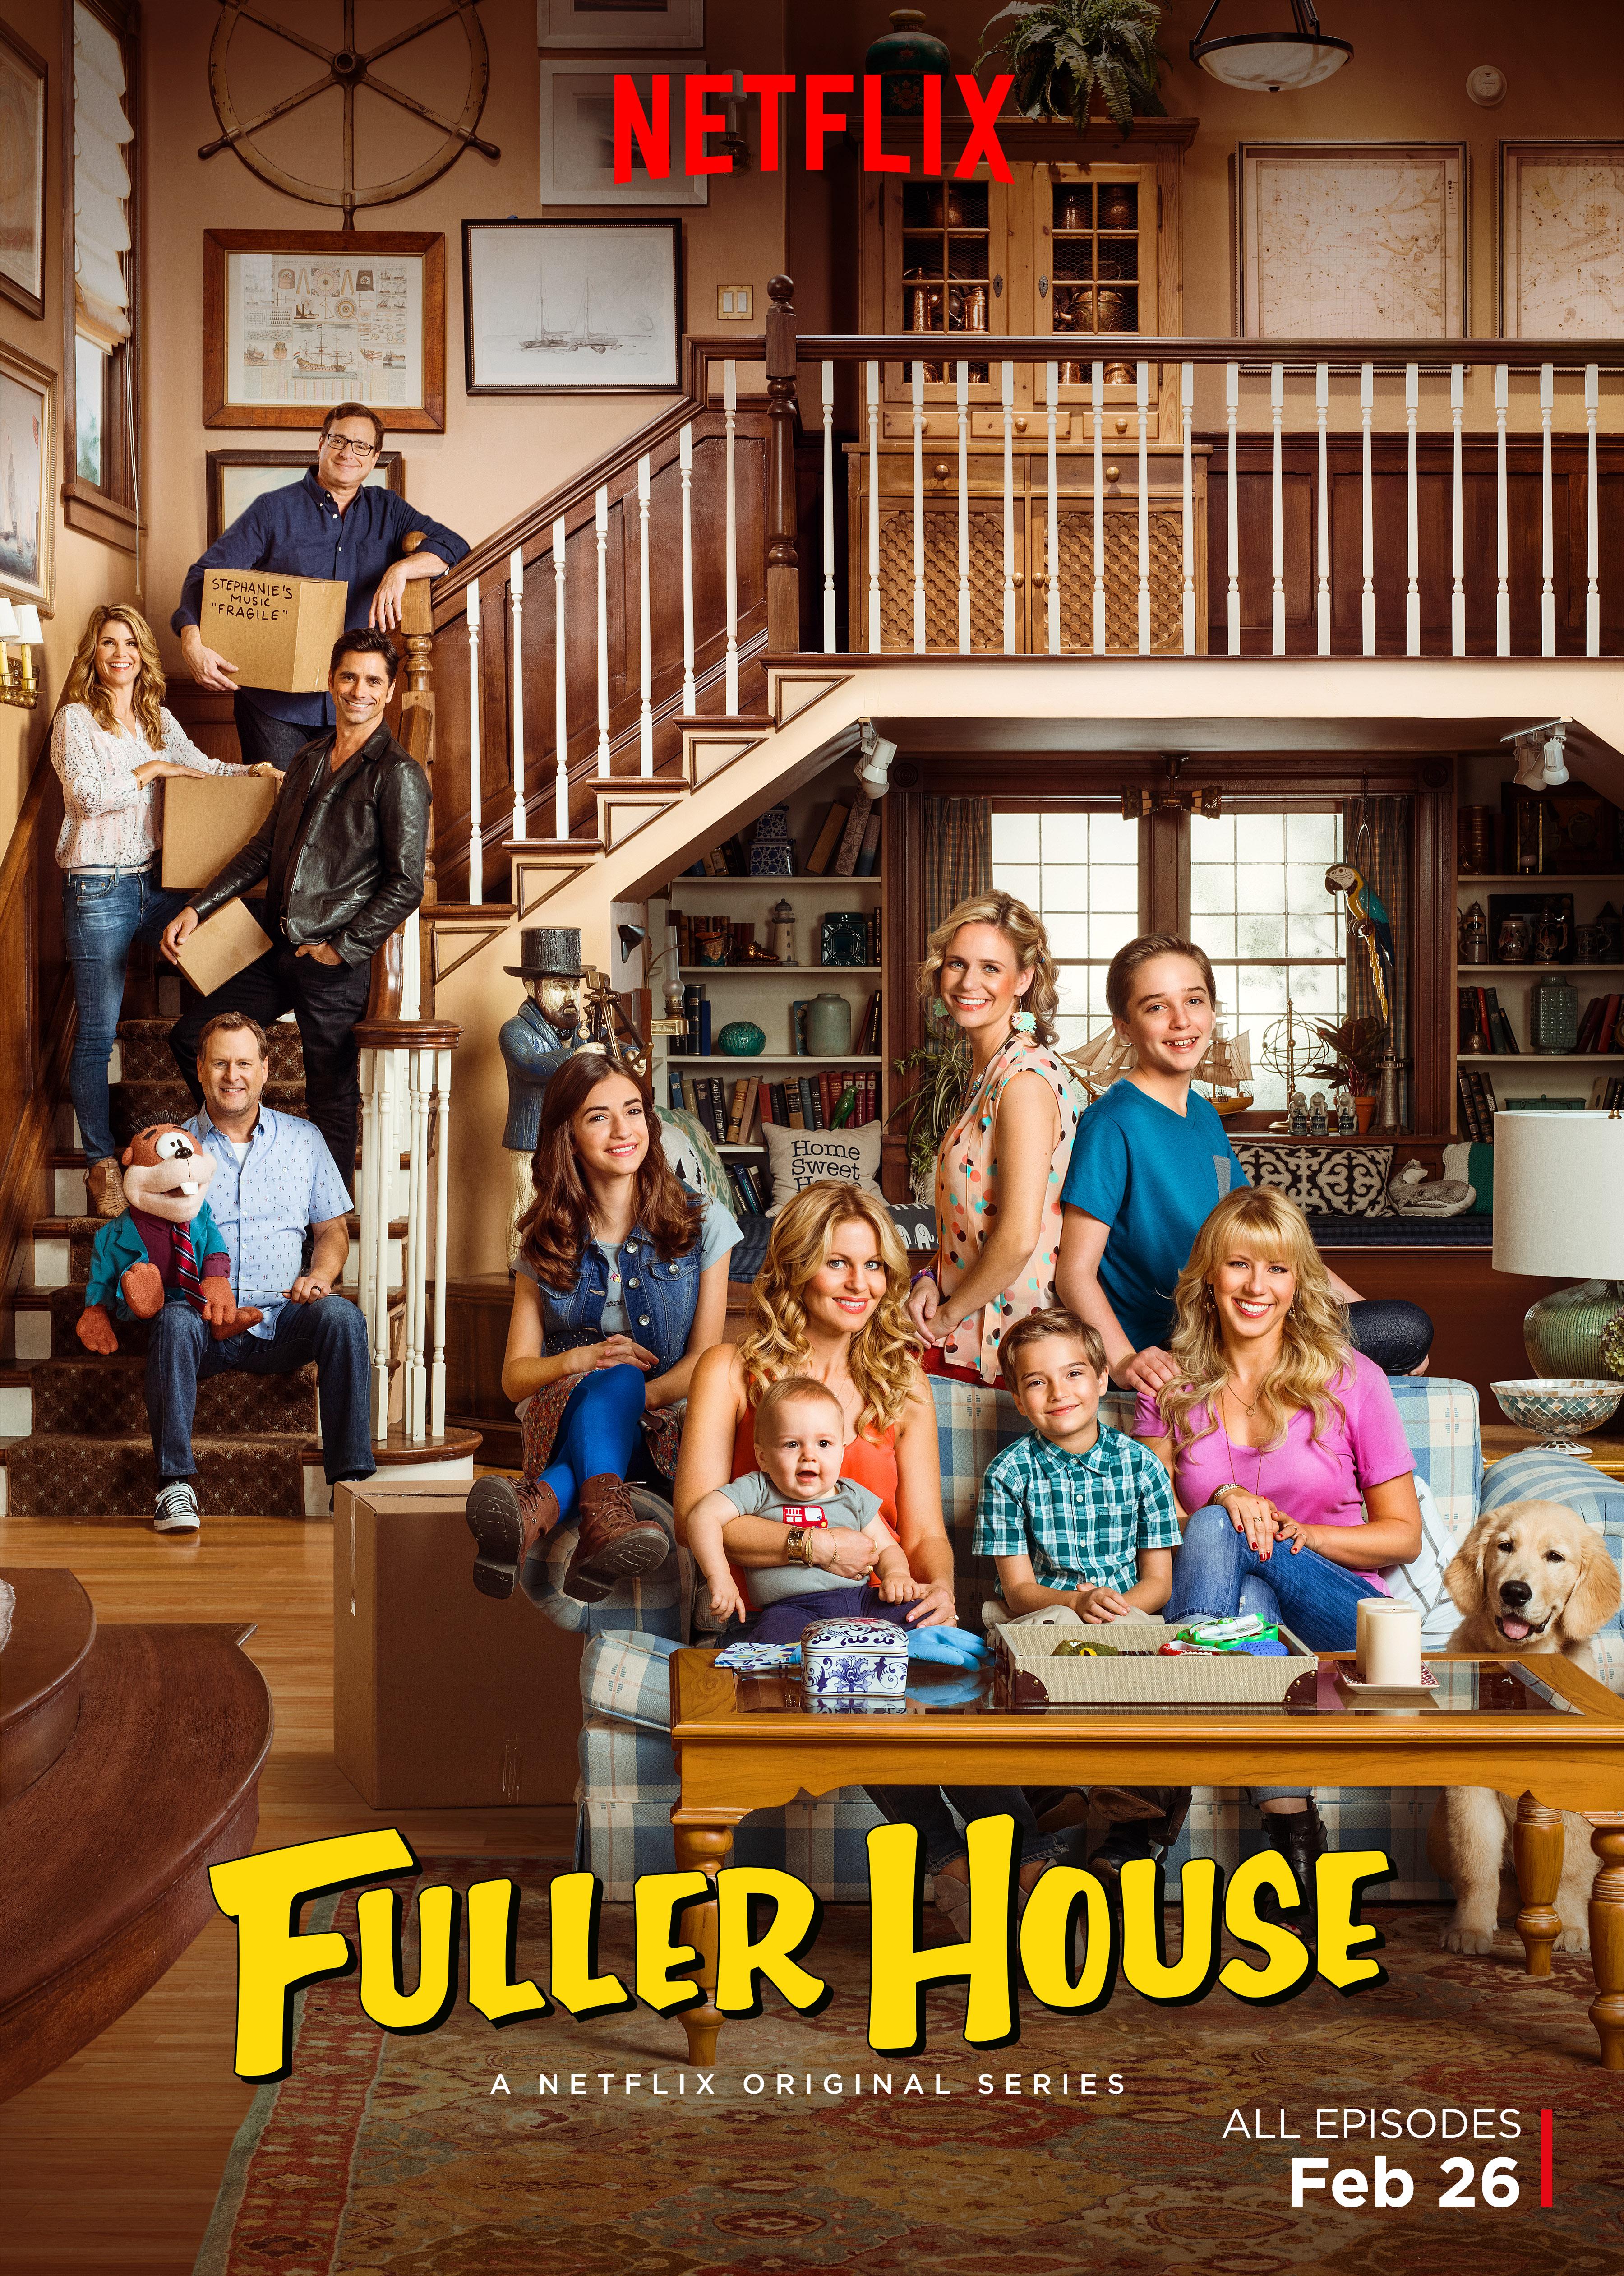 Fuller House Returns on Netflix